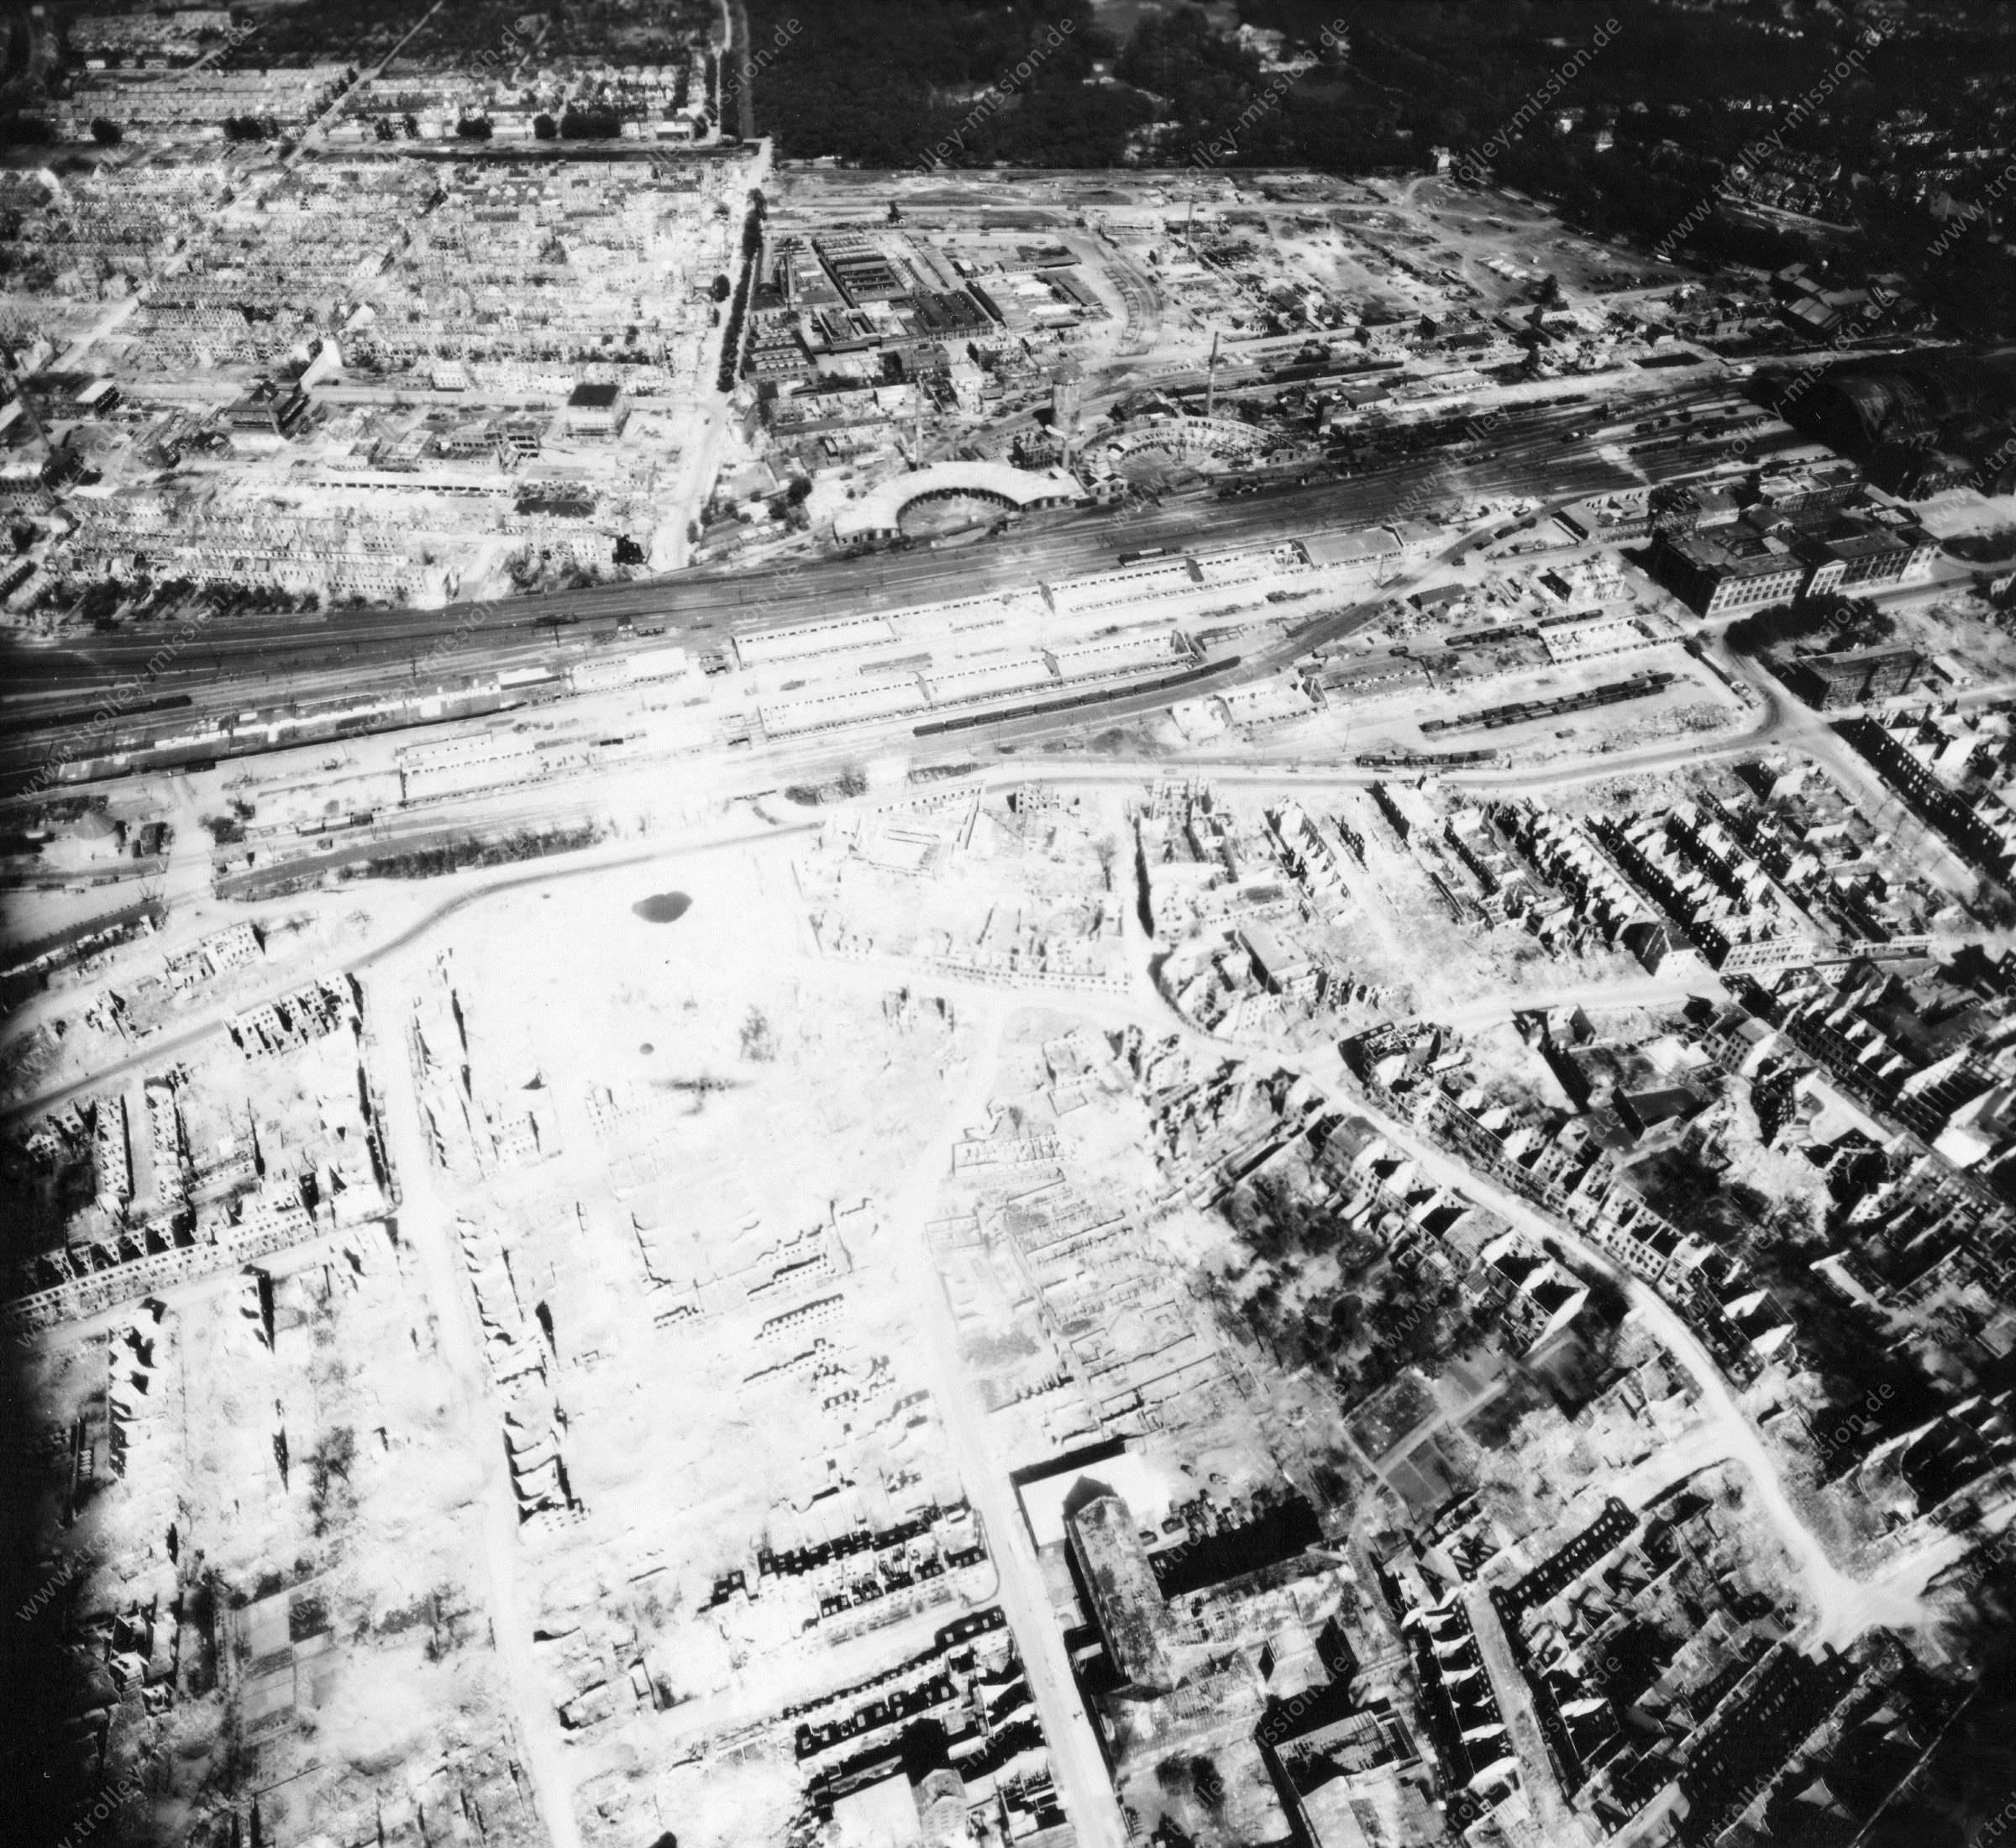 Luftbild von Bremen am 12. Mai 1945 - Luftbildserie 12/12 der US Air Force